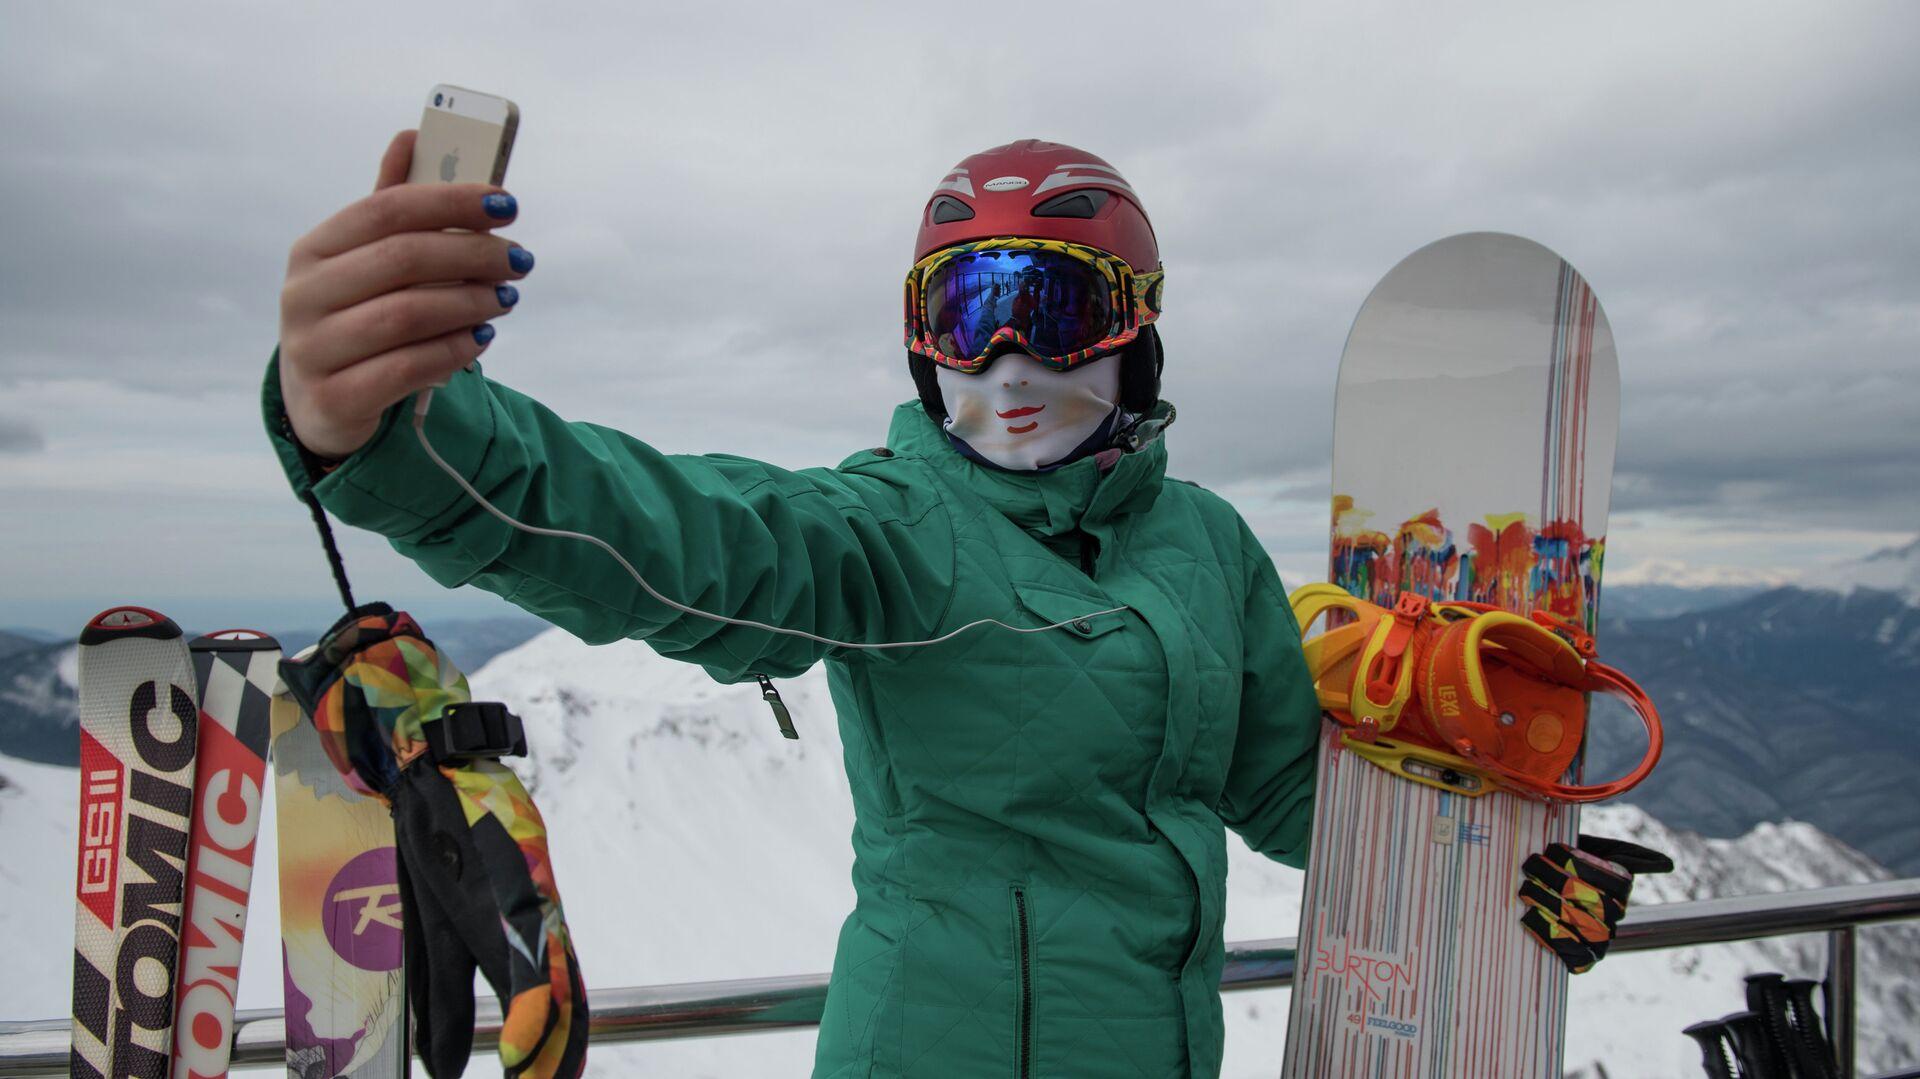 Открытие горнолыжного сезона на курорте Роза Хутор - РИА Новости, 1920, 05.12.2020